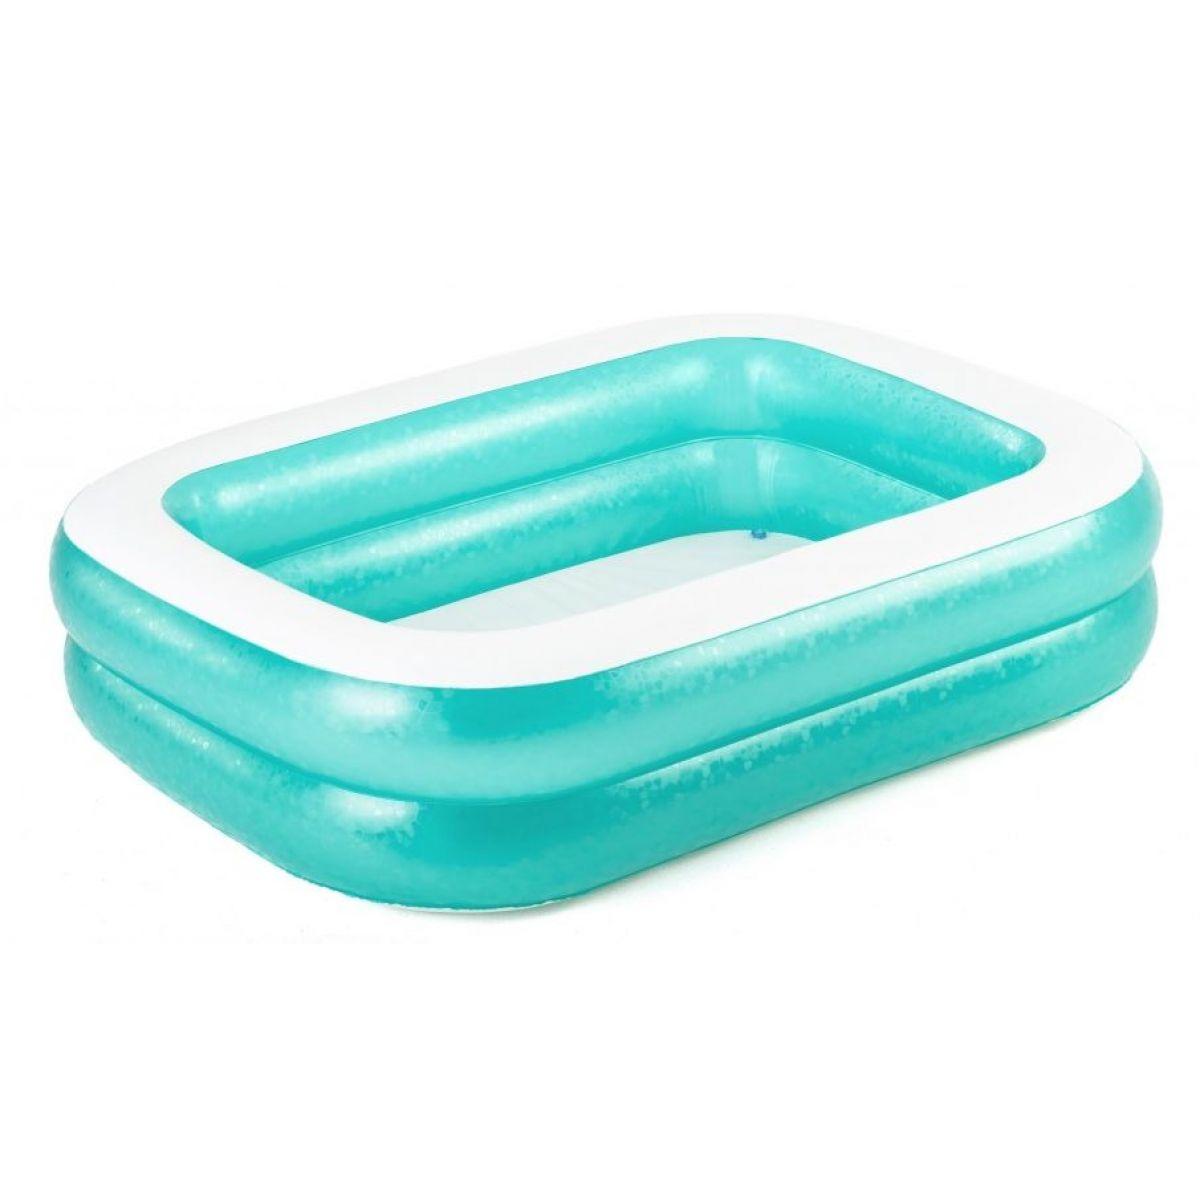 Bestway Bazén nafukovací obdélníkový modrý s bílým lemem